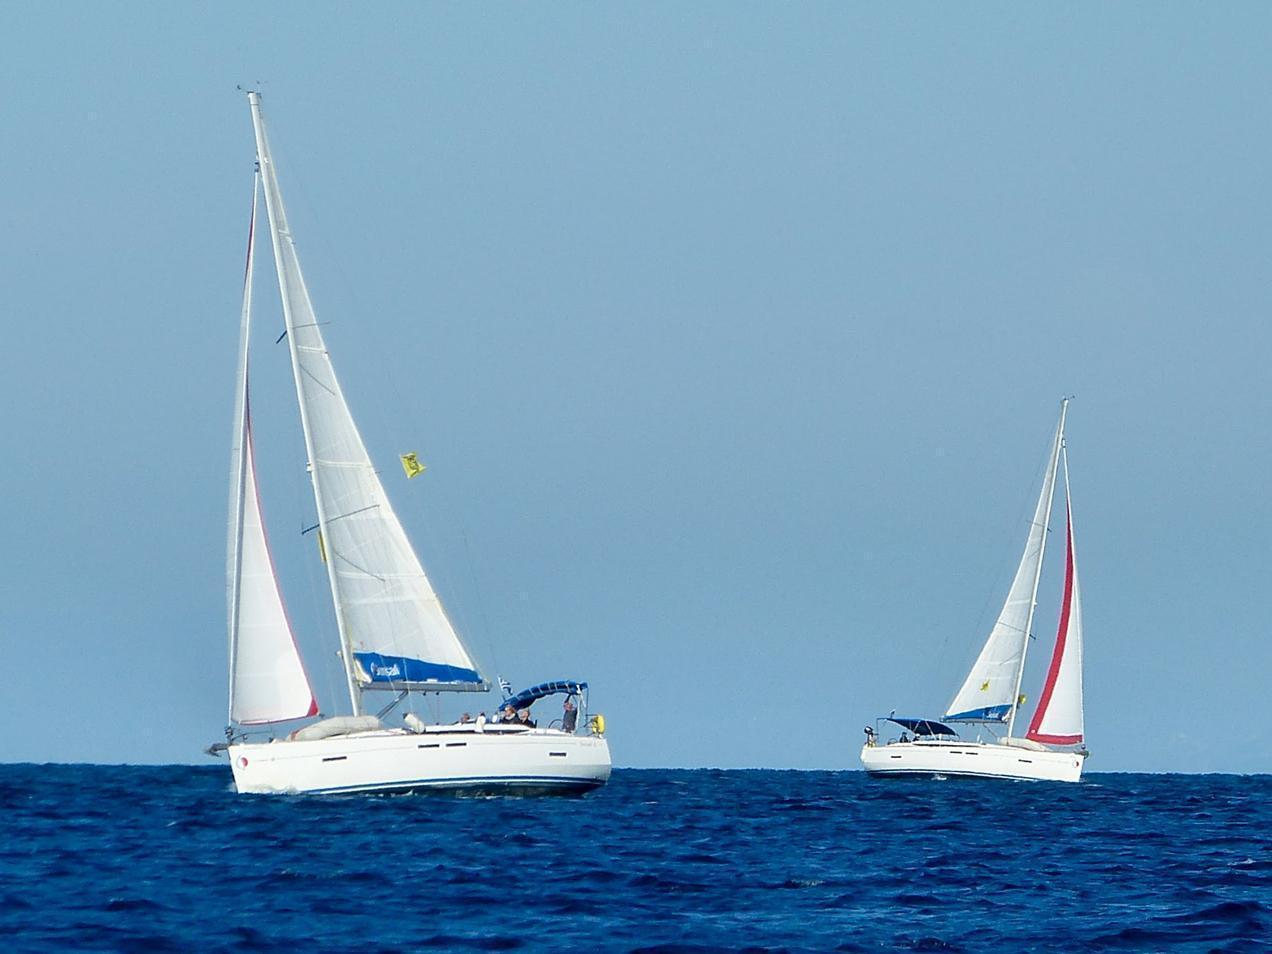 שייט ליוון עם דרך הים